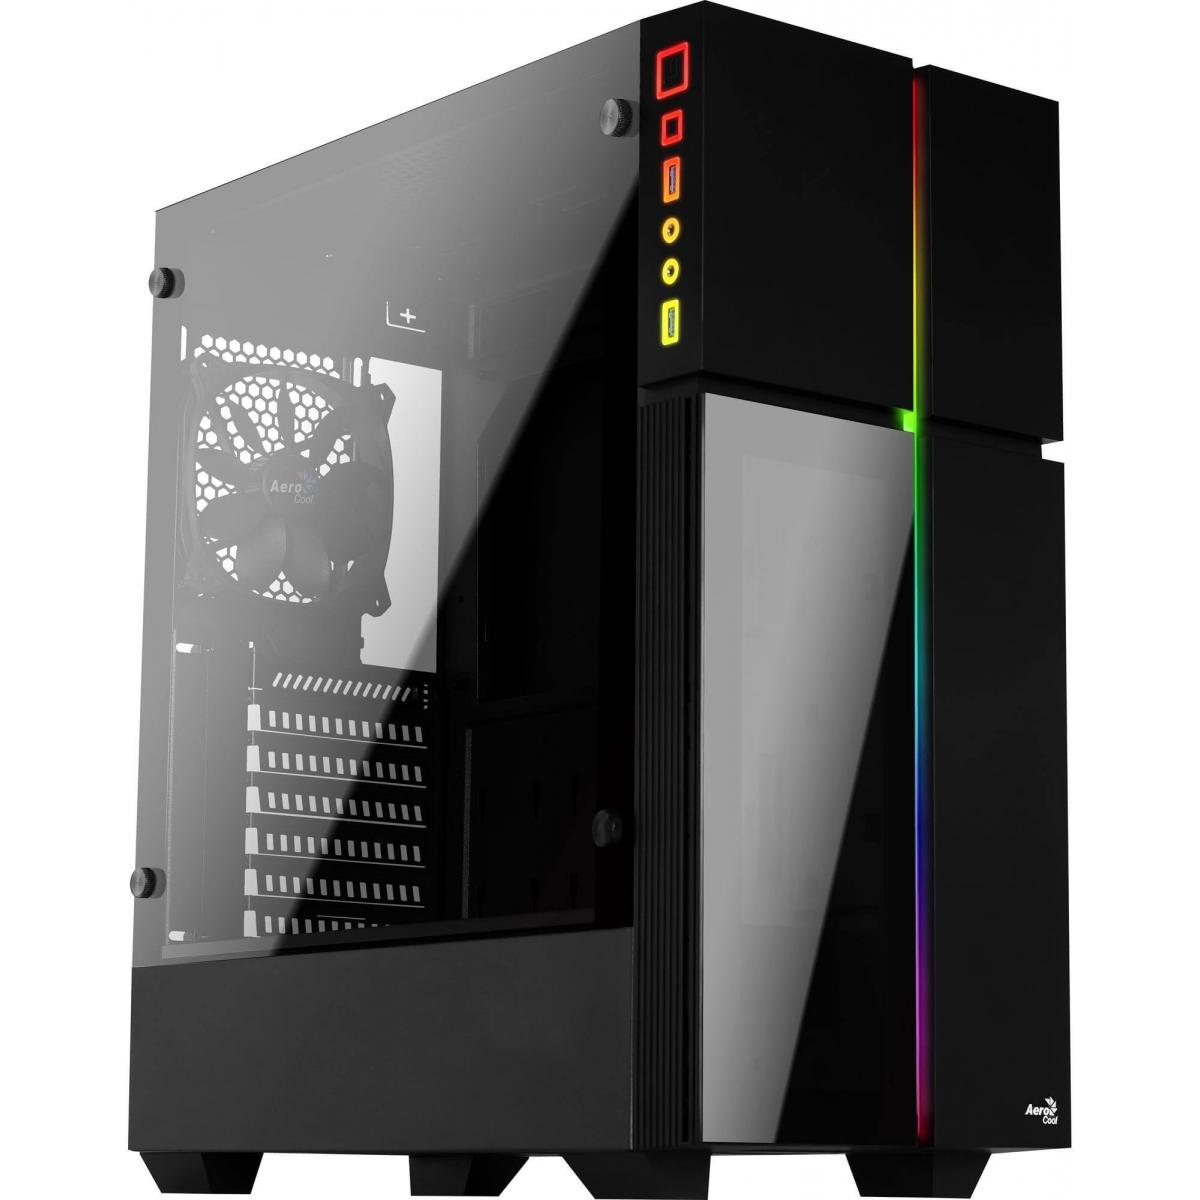 Gabinete Gamer Aerocool, Playa RGB, Mid Tower, Vidro Temperado, Black, 67967, Sem Fonte, Com 1 Fan